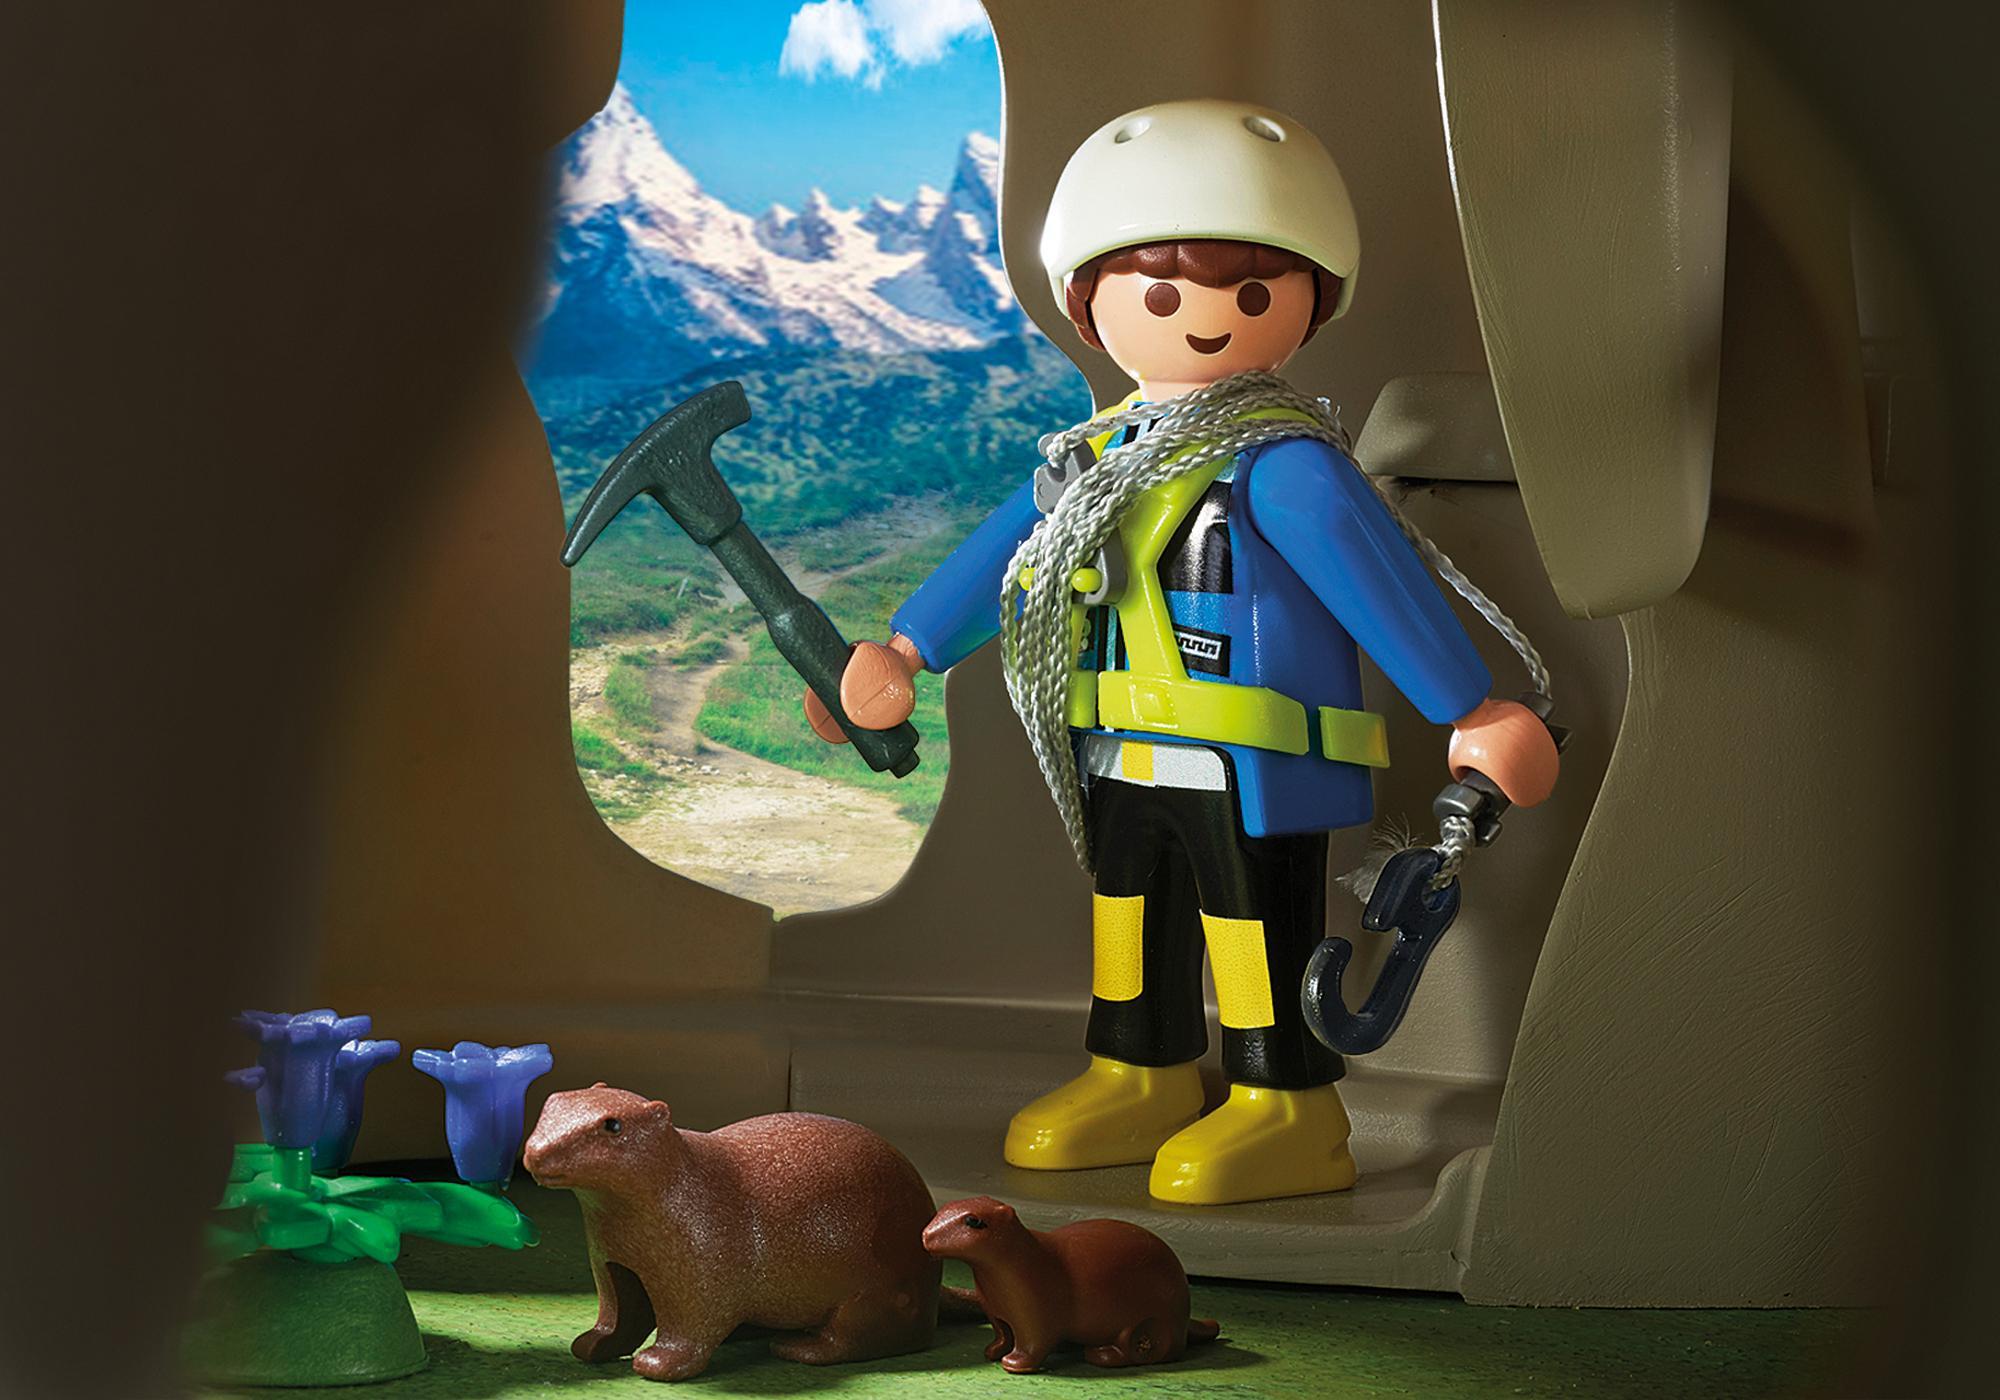 http://media.playmobil.com/i/playmobil/9126_product_extra2/Escaladores con Refugio